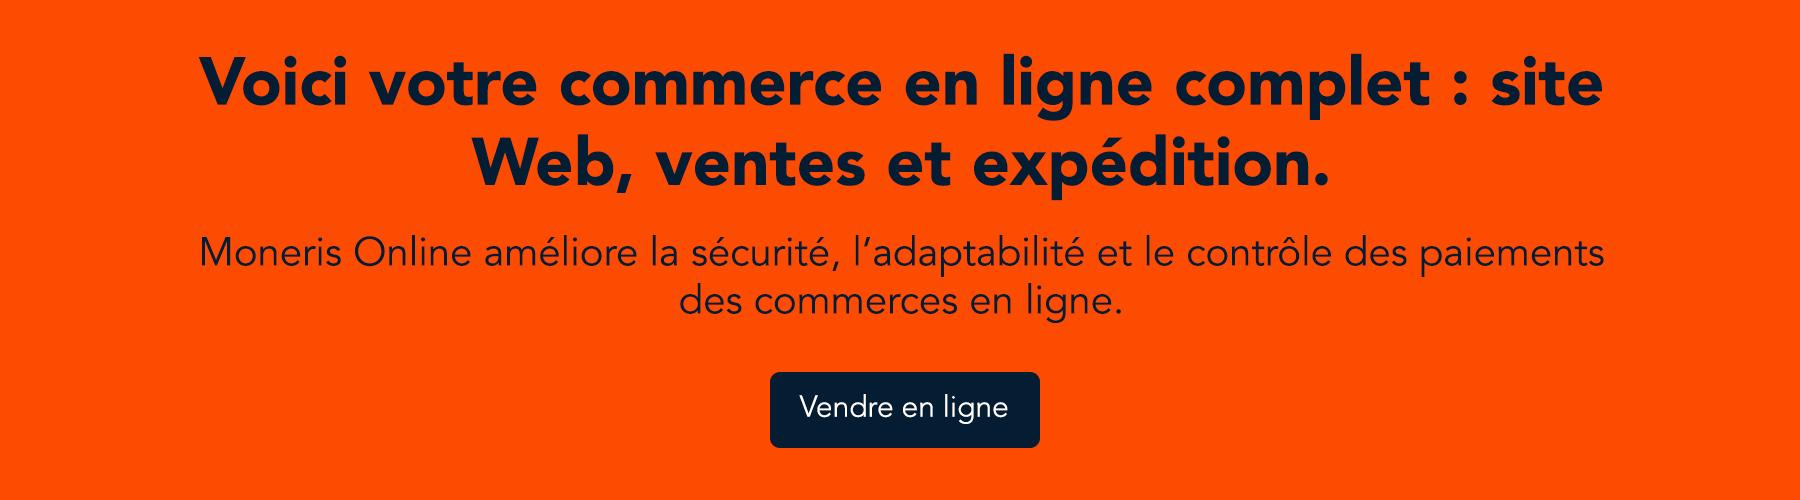 Voici votre commerce en ligne complet : site Web, ventes et expédition.  Moneris Online améliore la sécurité, l'adaptabilité et le contrôle des paiements des commerces en ligne. Vendre en ligne!